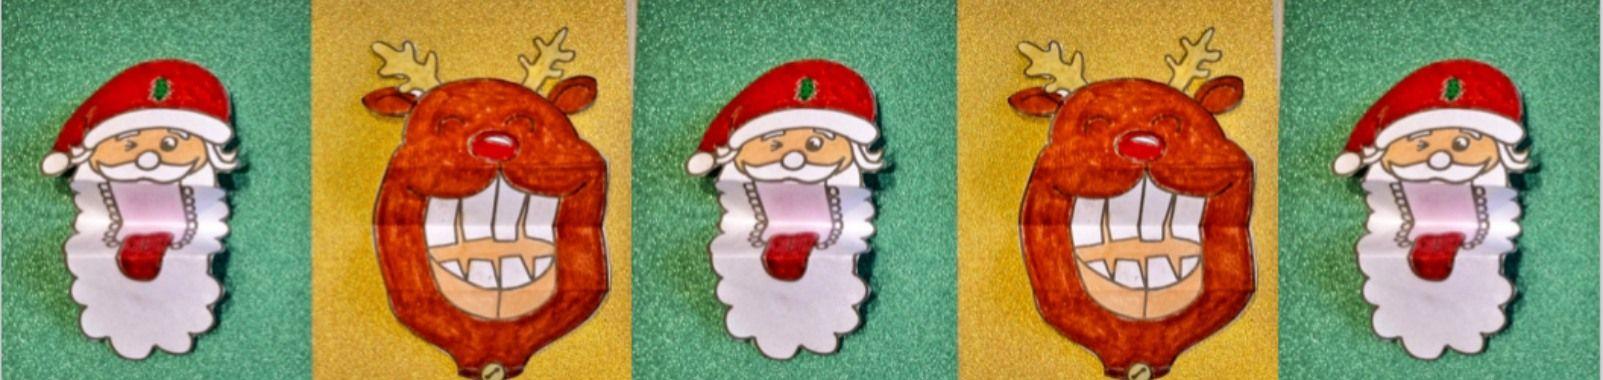 Weihnachtsmann und Rudolf das Rentier bastelt mit einem beweglichen Mund inkl. gratis Vorlagen  #rendierknutselen